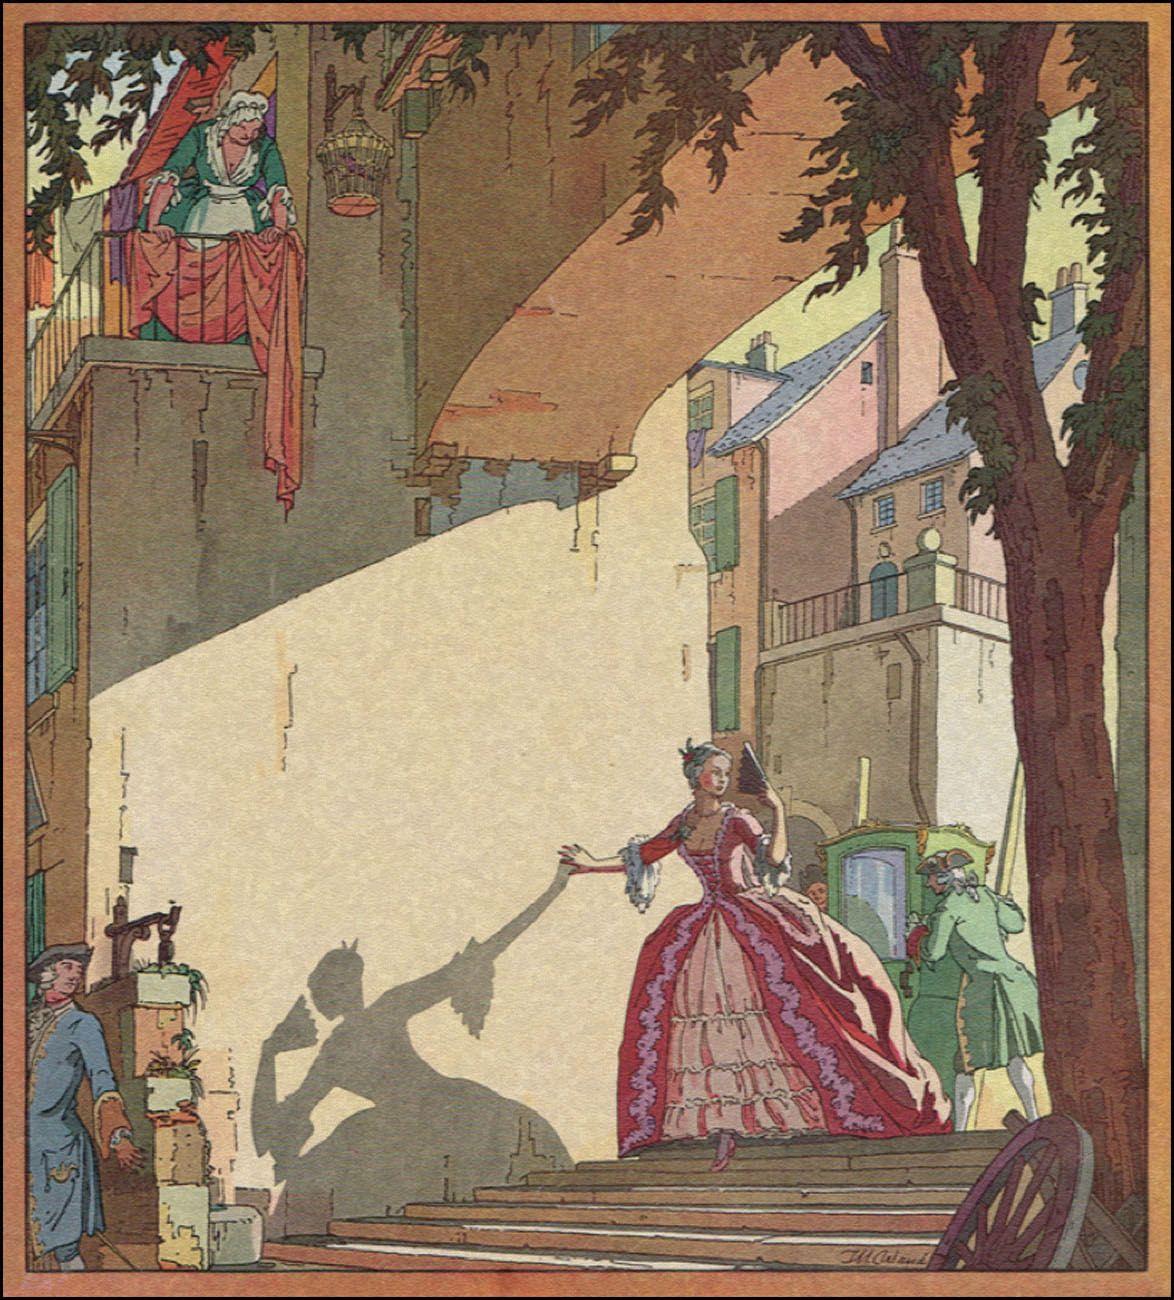 Thomas Maitland Cleland book illustration, 1934